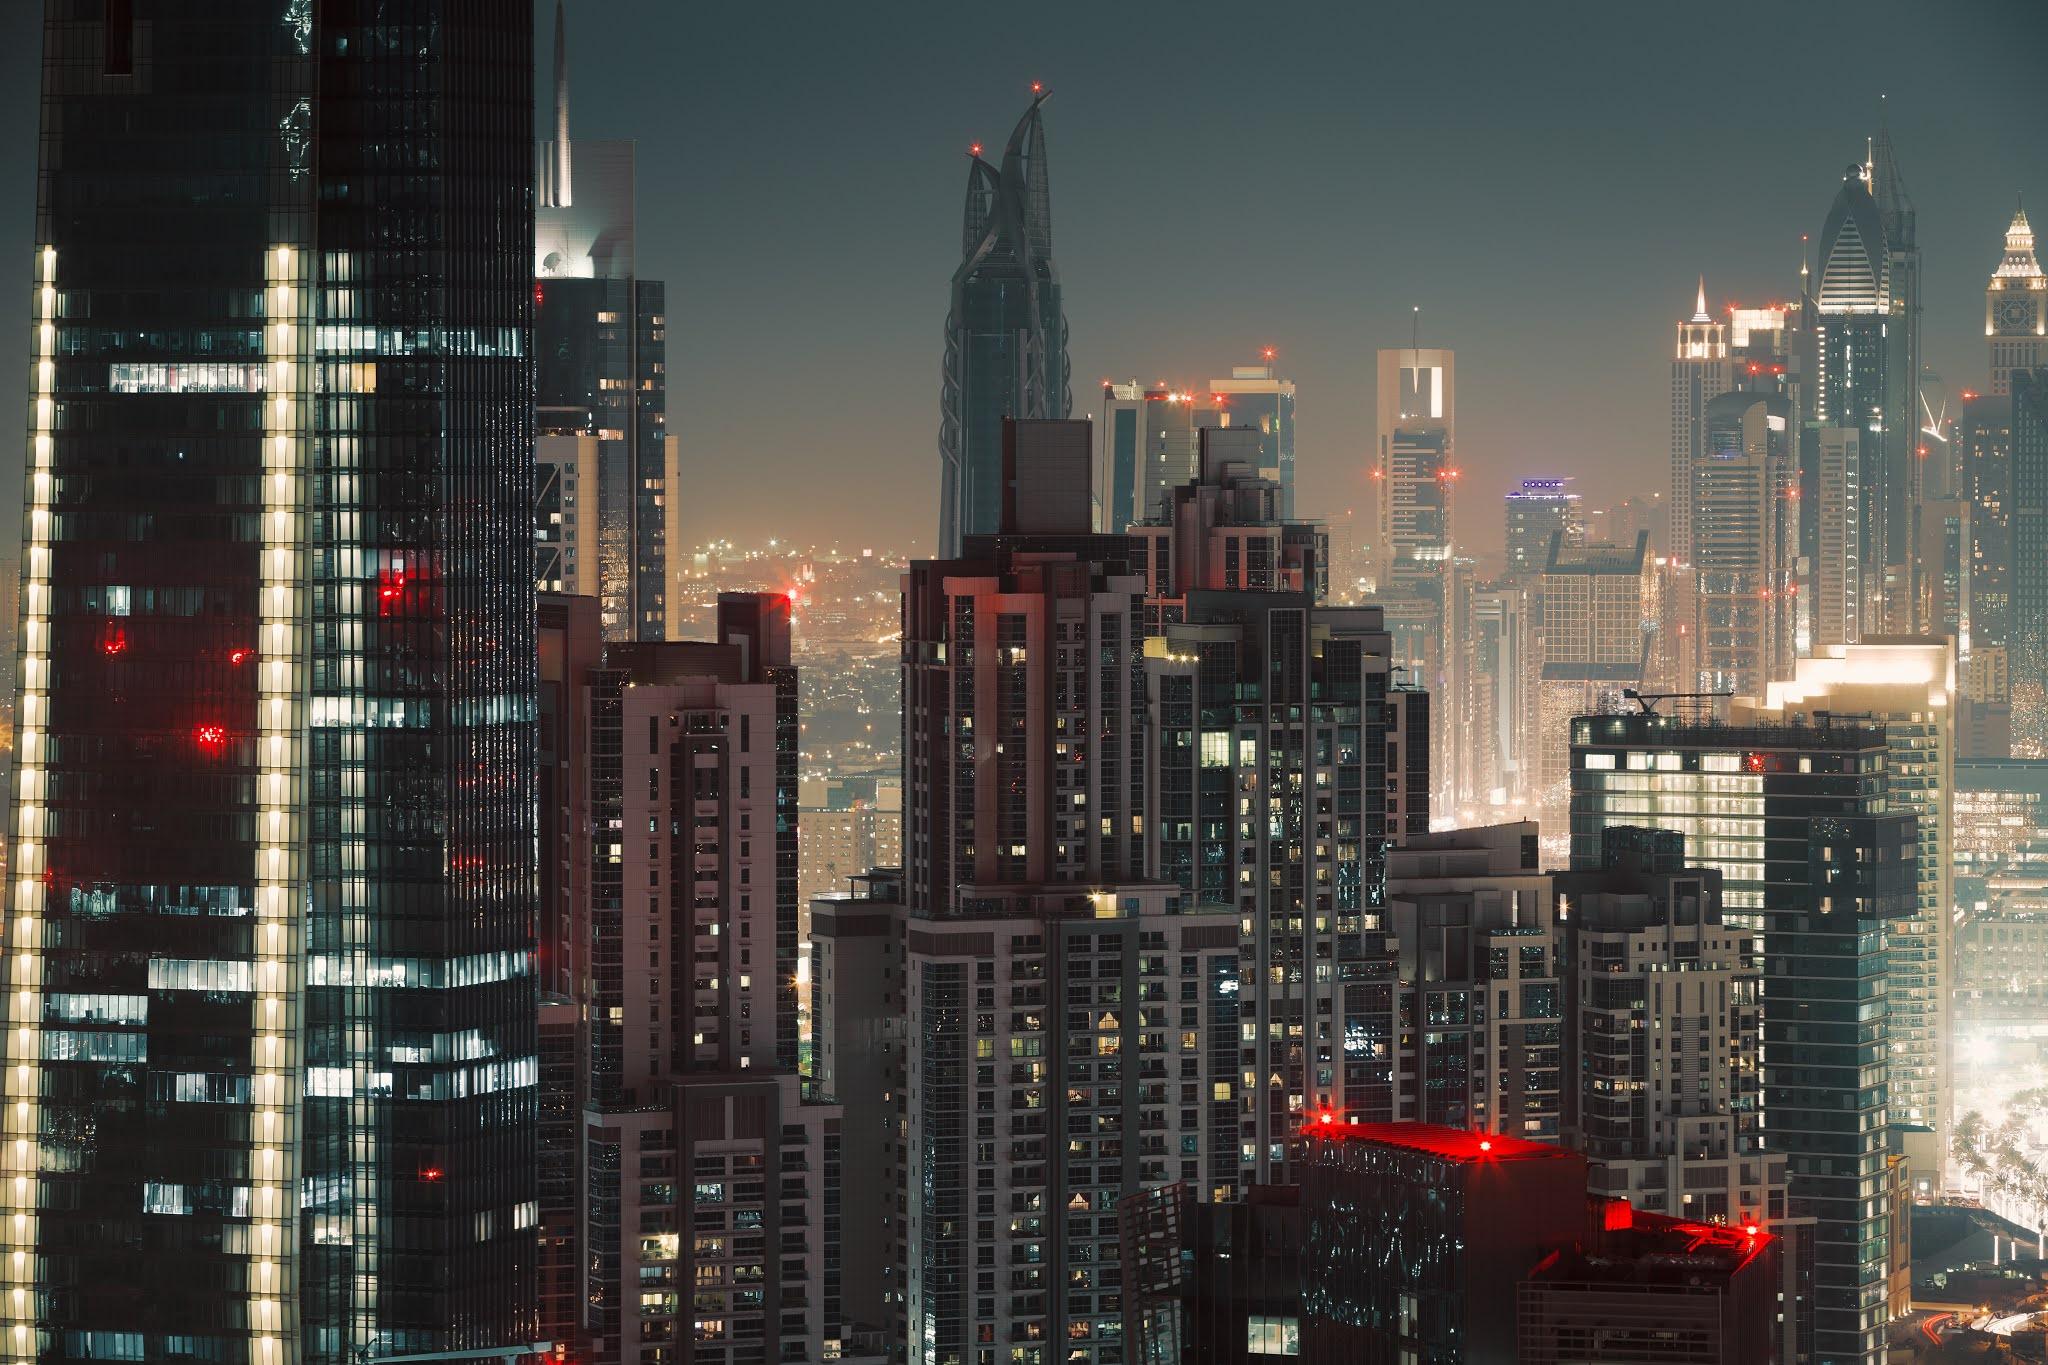 الإمارات تستثمر في الإنسان وتعتبره الأكبر والأفضل